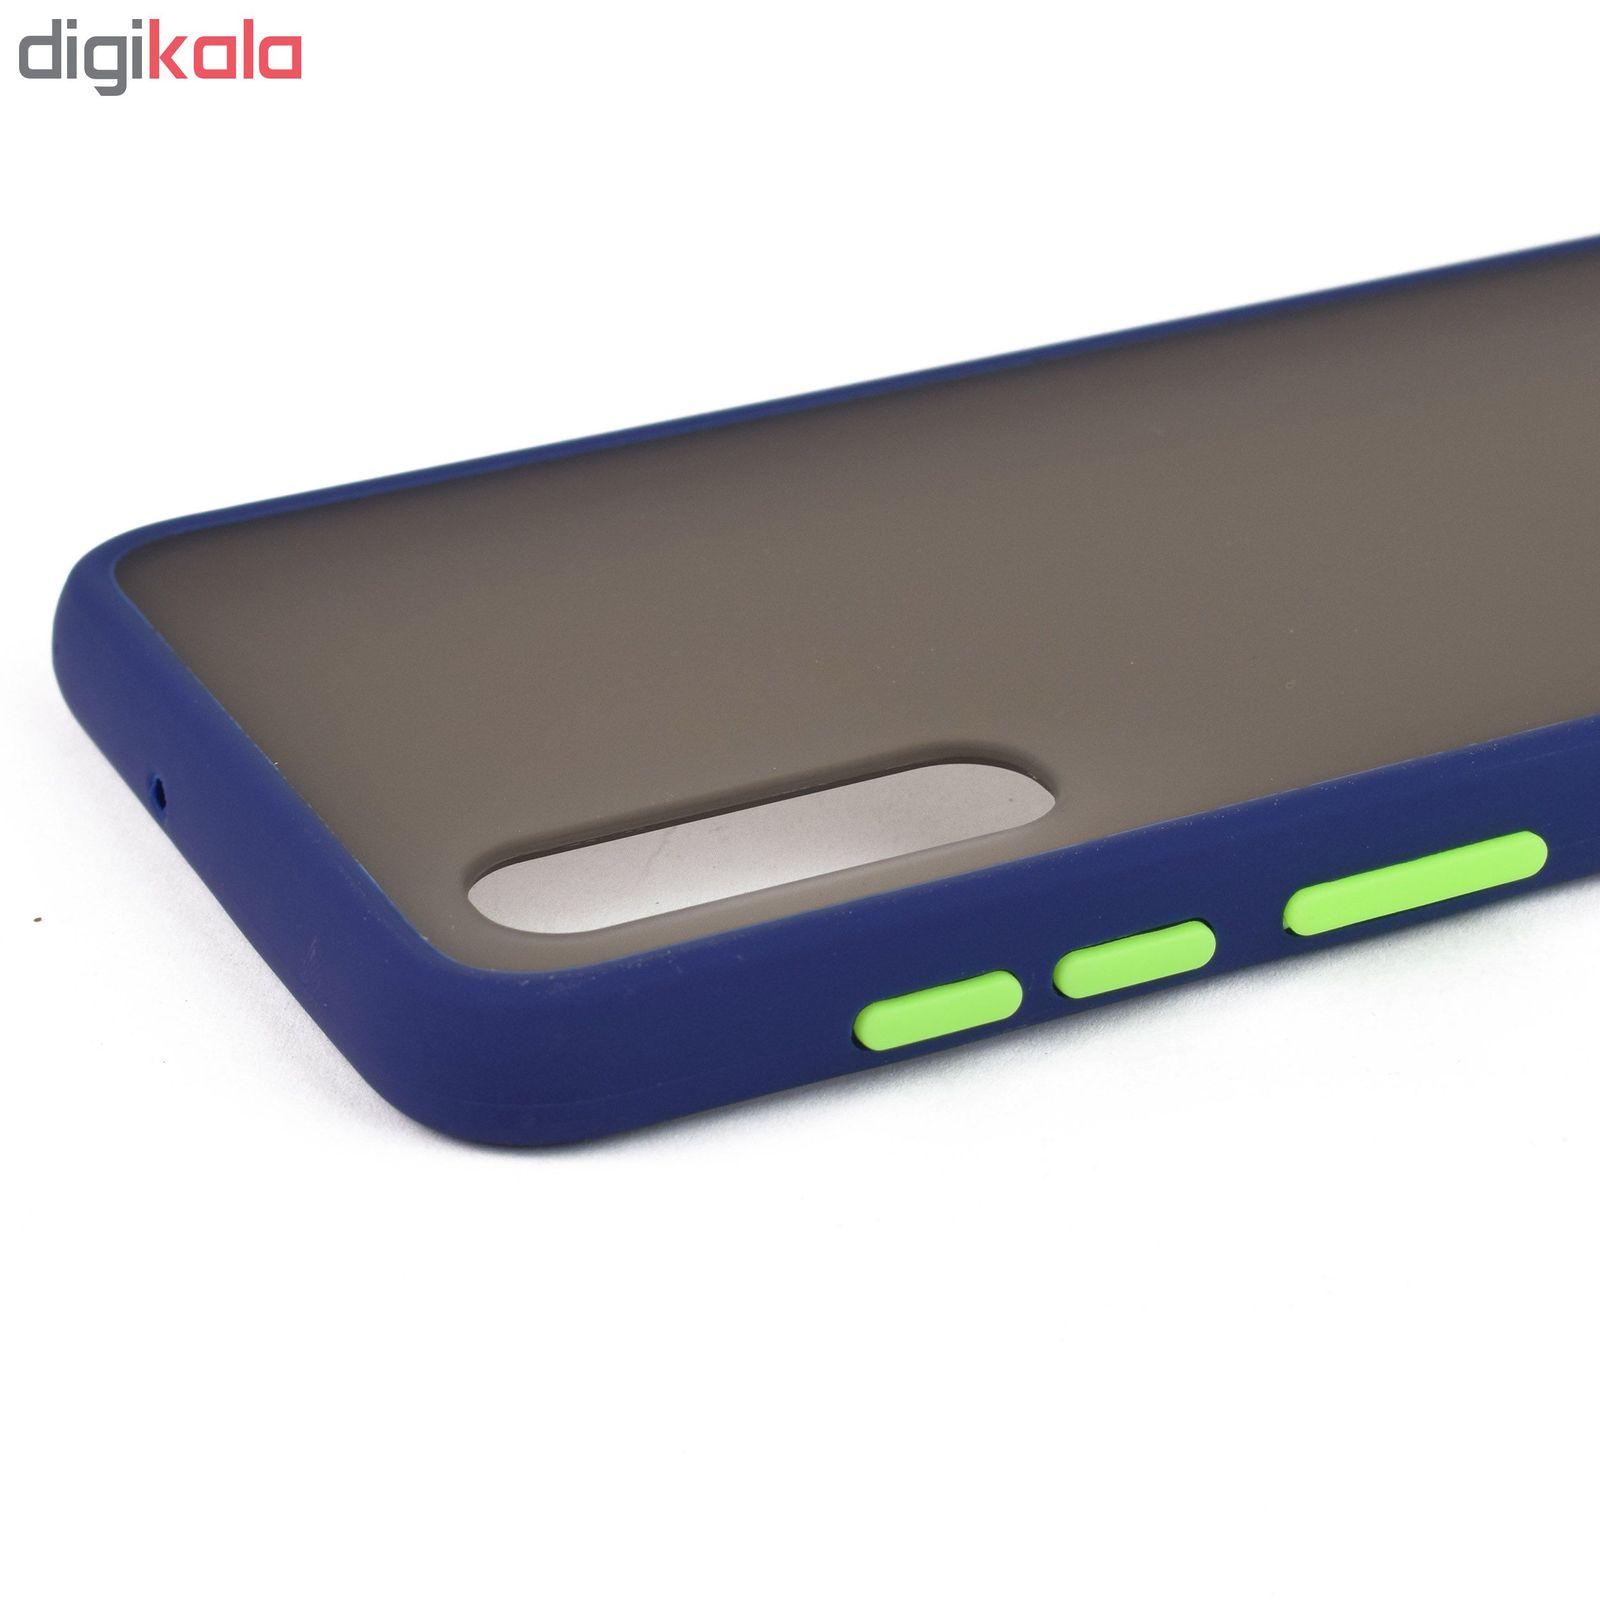 کاور مدل Slico01 مناسب برای گوشی موبایل سامسونگ Galaxy A50 main 1 6